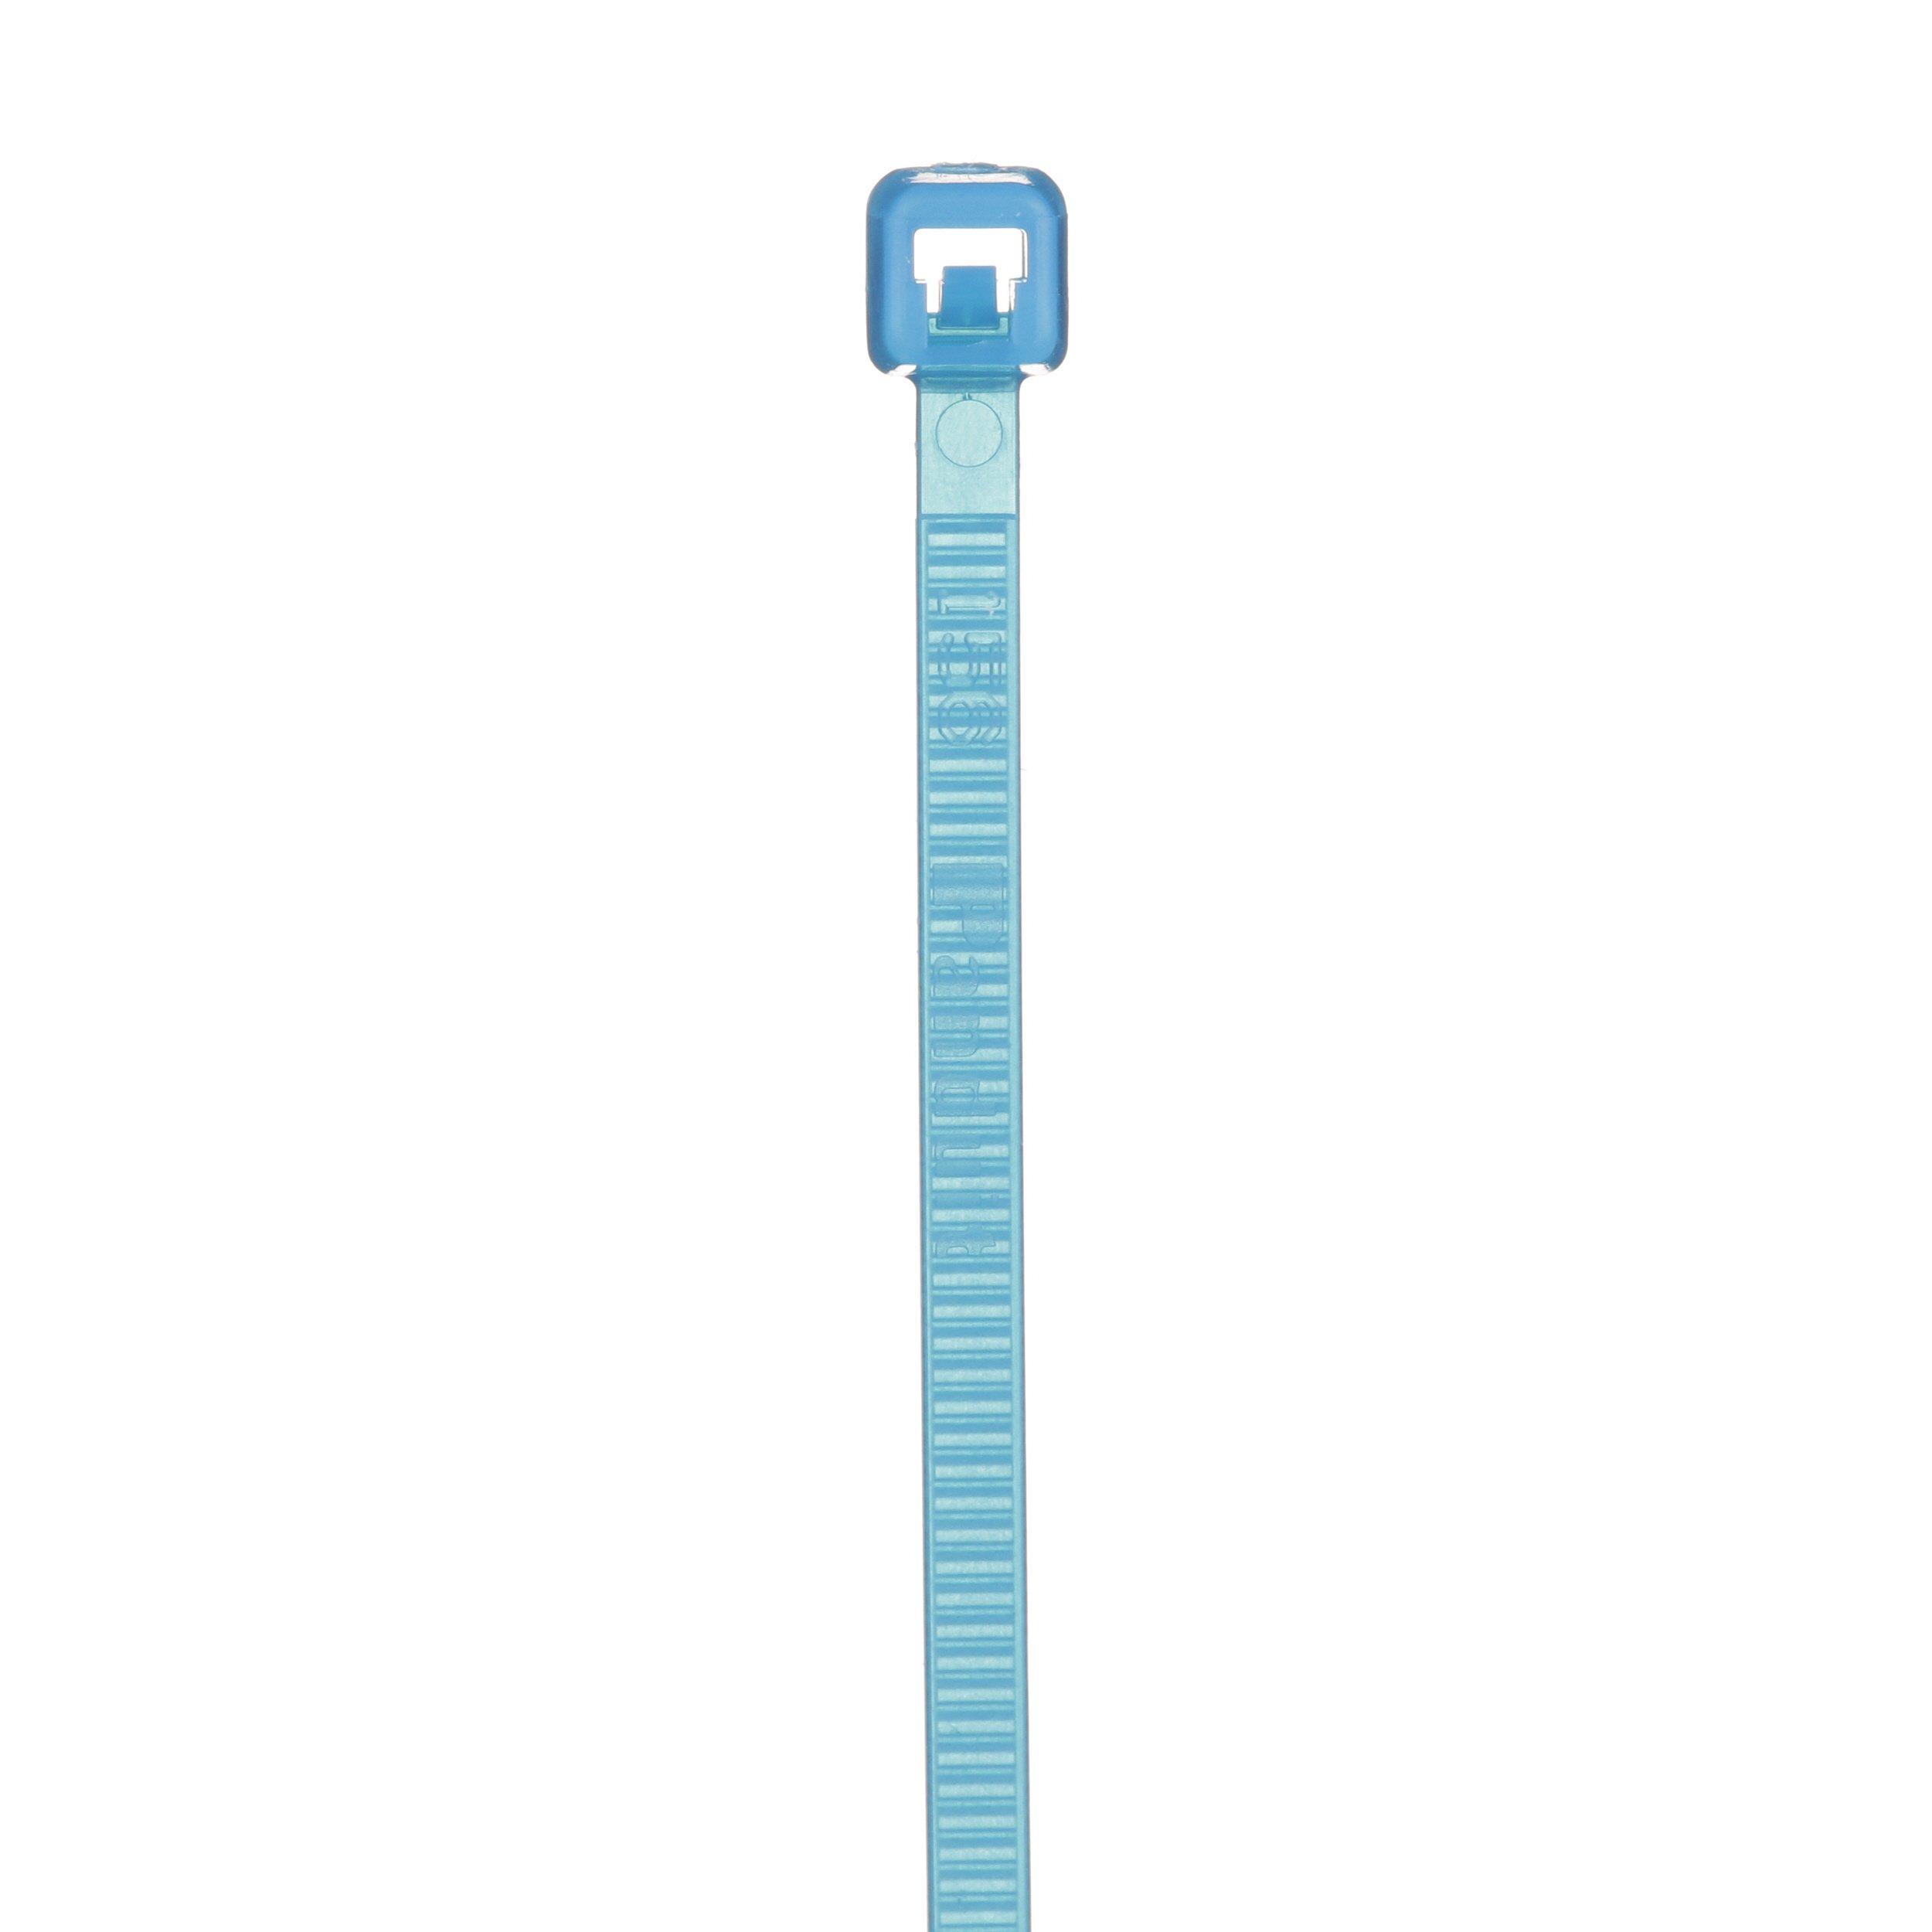 Panduit PLT1M-M76 Cable Tie, Miniature, Tefzel, 4.0-Inch Length, Aqua (1,000-Pack)